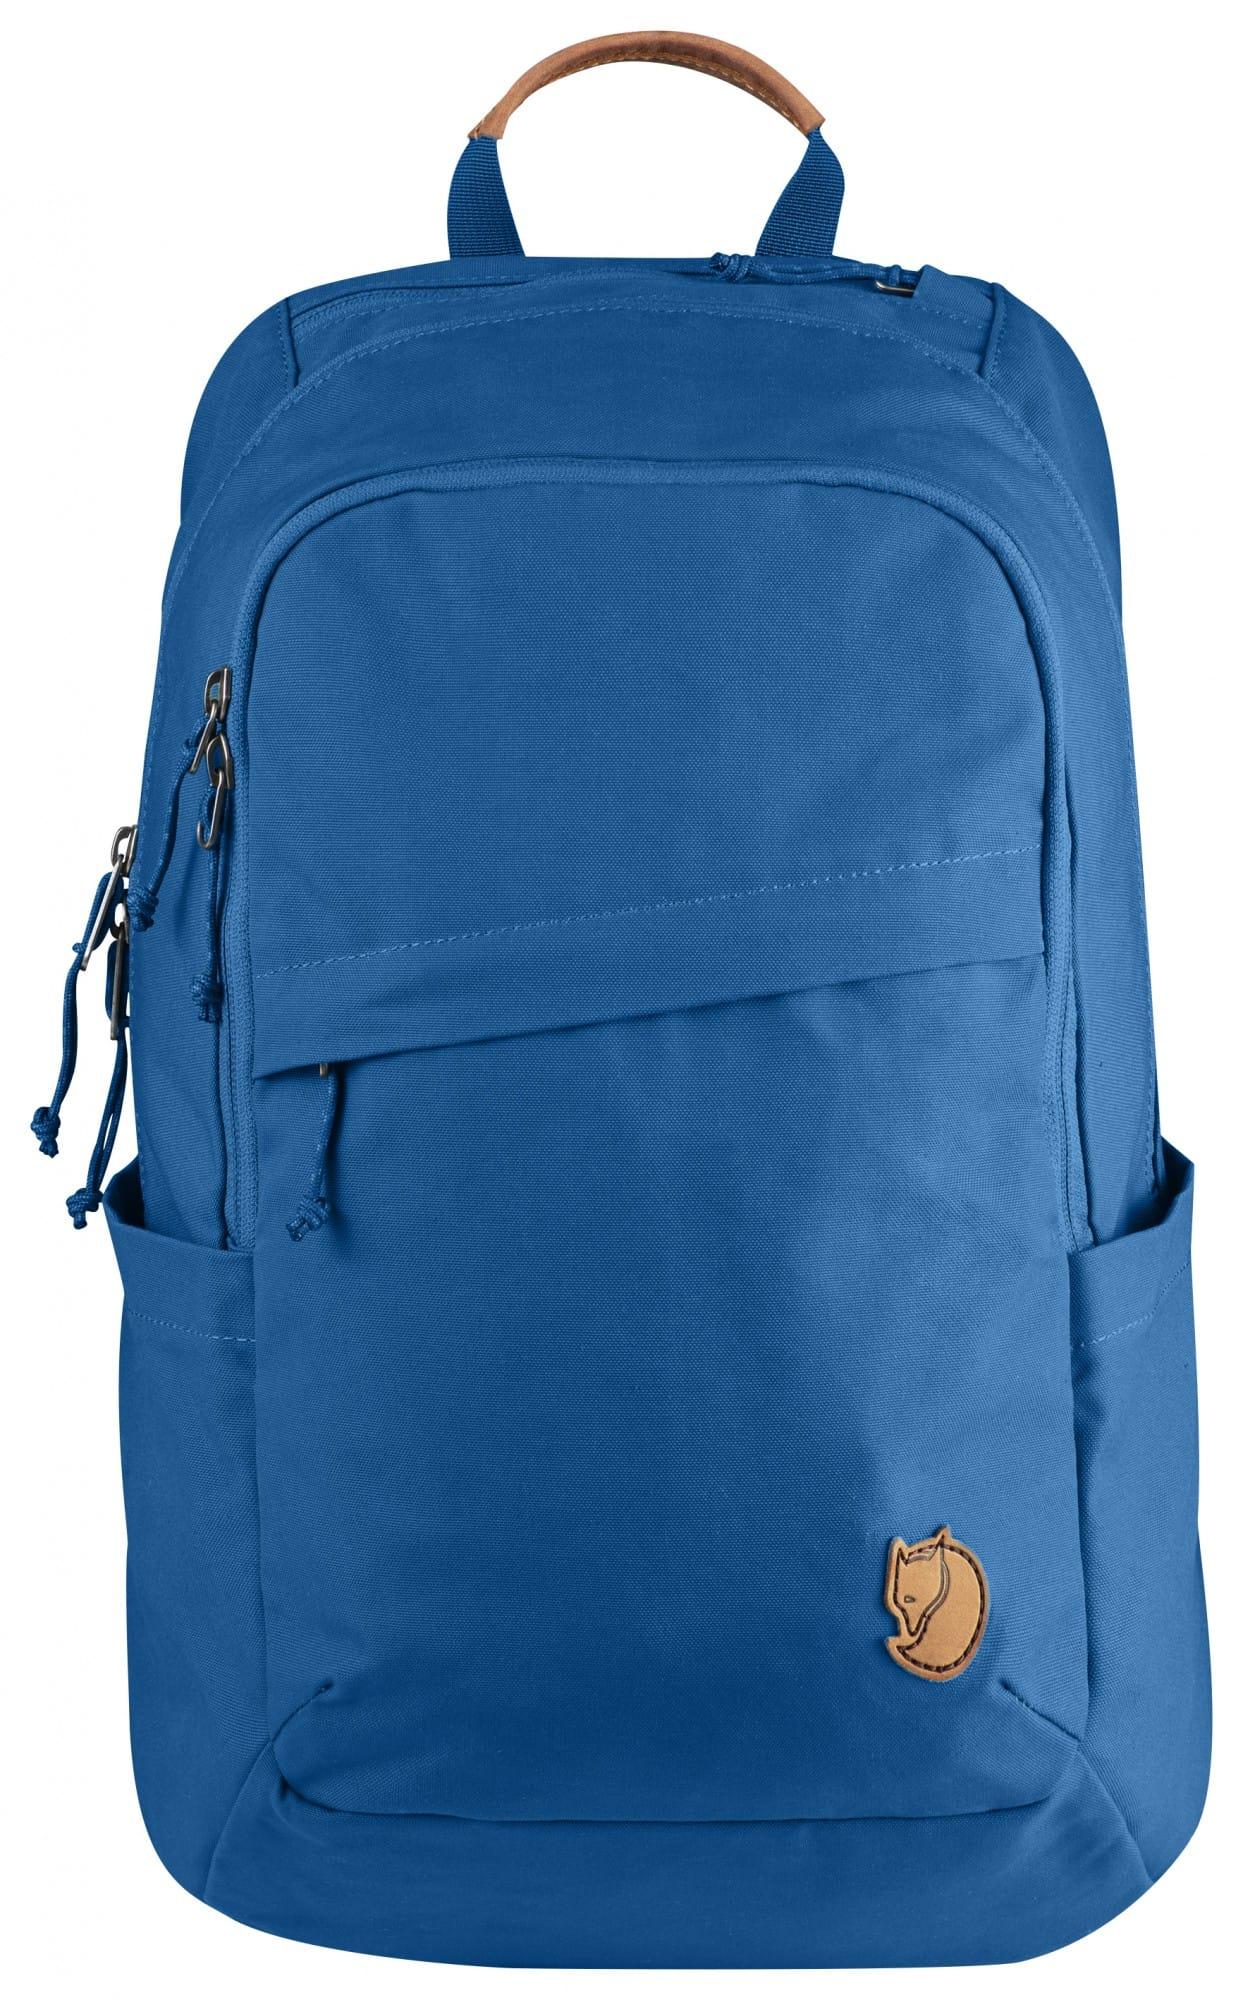 Fjällräven Räven 20 Blau, G-1000® Alpin-& Trekkingrucksack, 20l